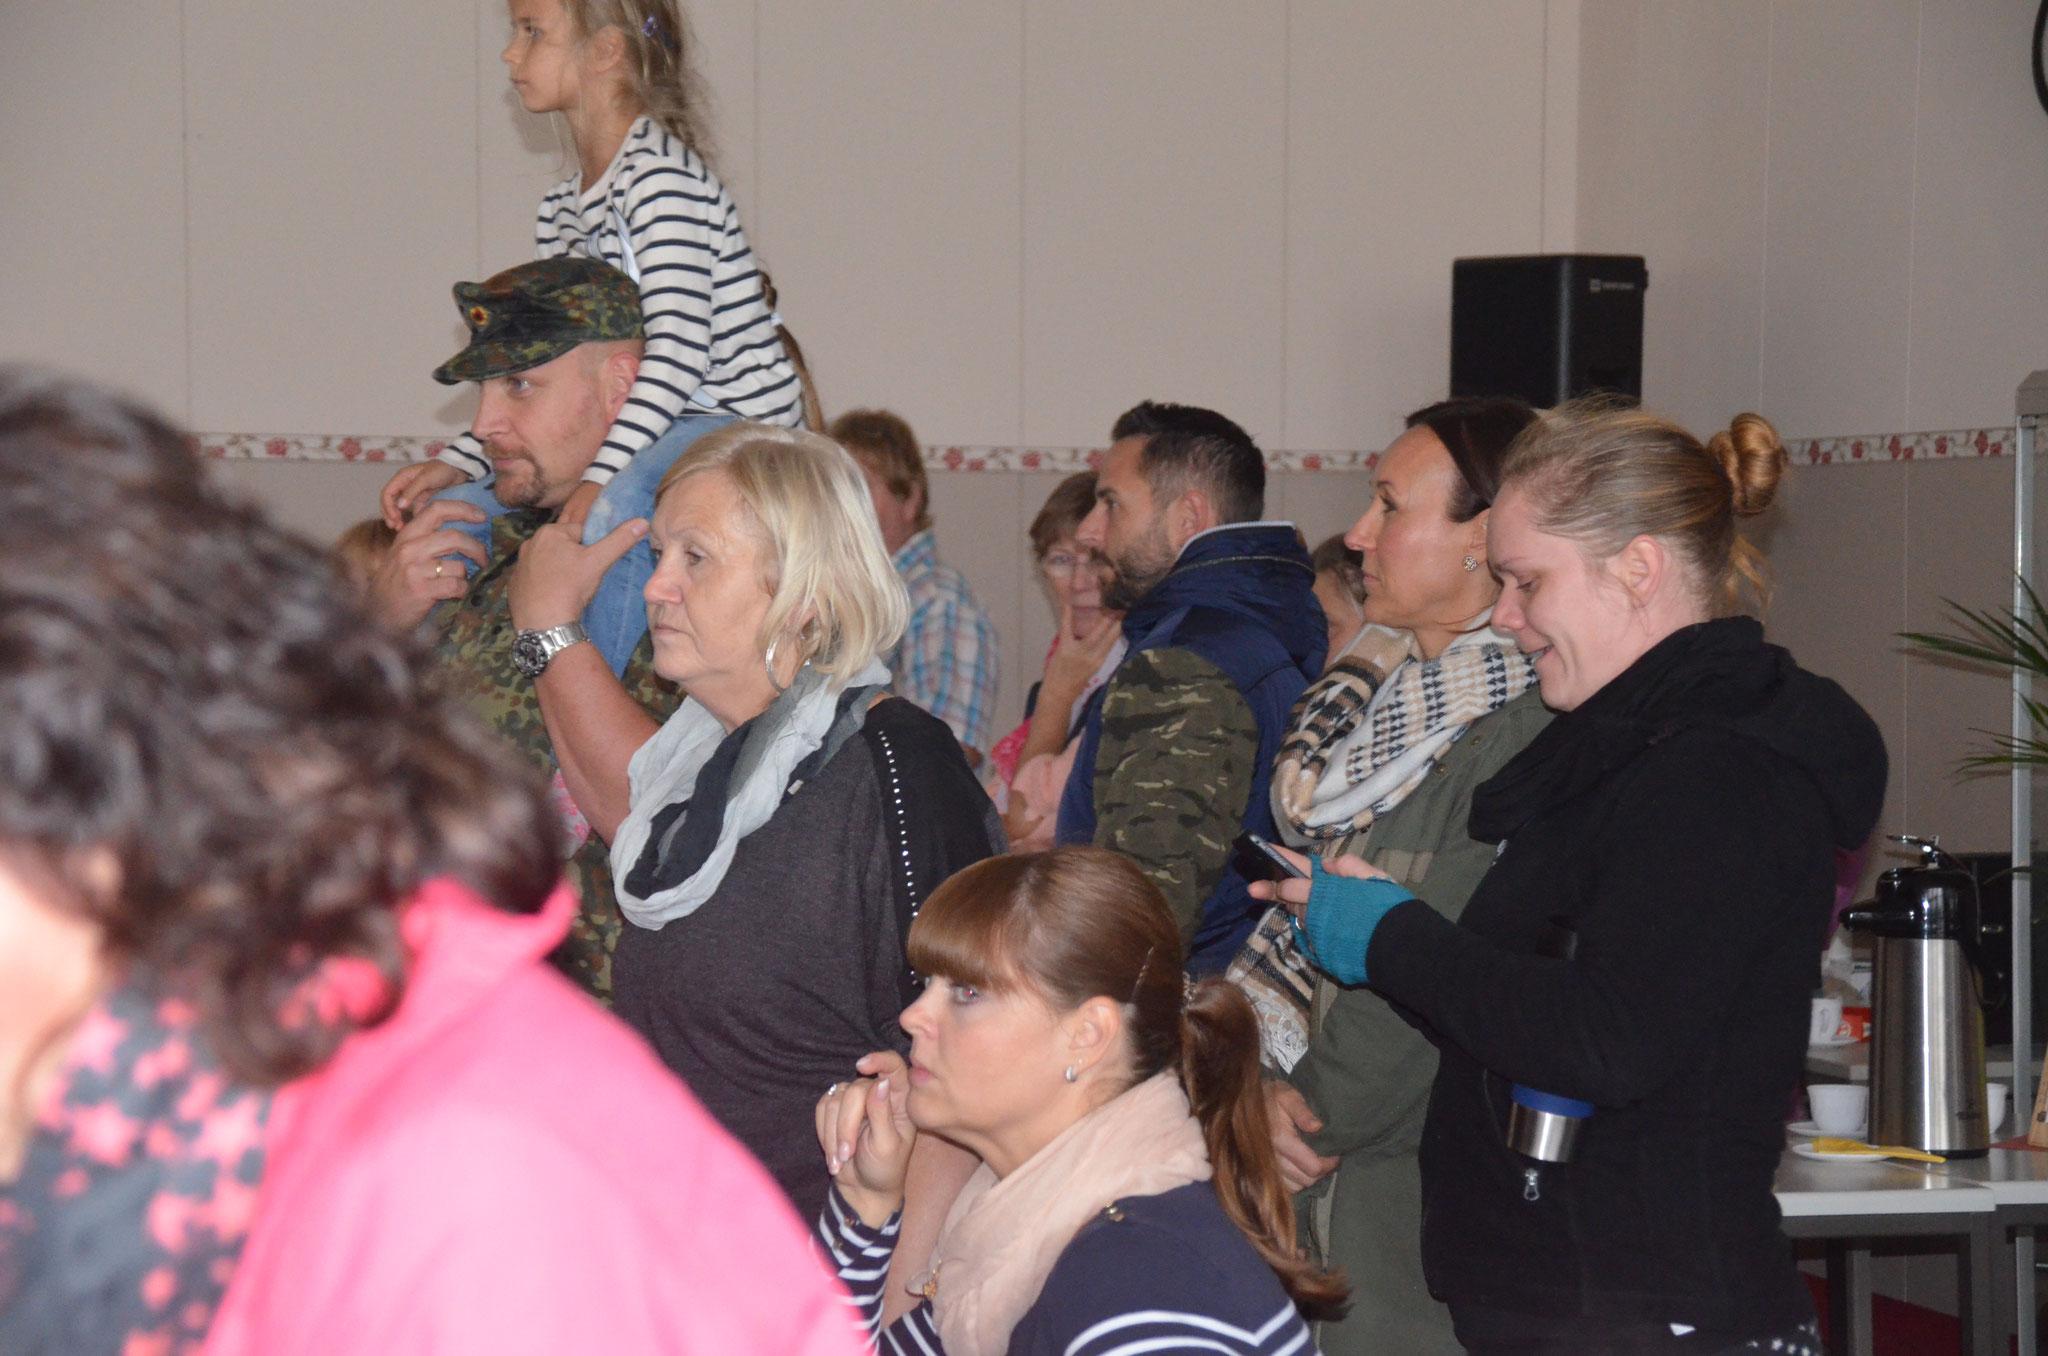 Zahlreiche Eltern, Geschwister und Verwandte kamen zum Tag der offenen Tür, um die Kinder bei der Vorführung der Tänze zuzusehen.